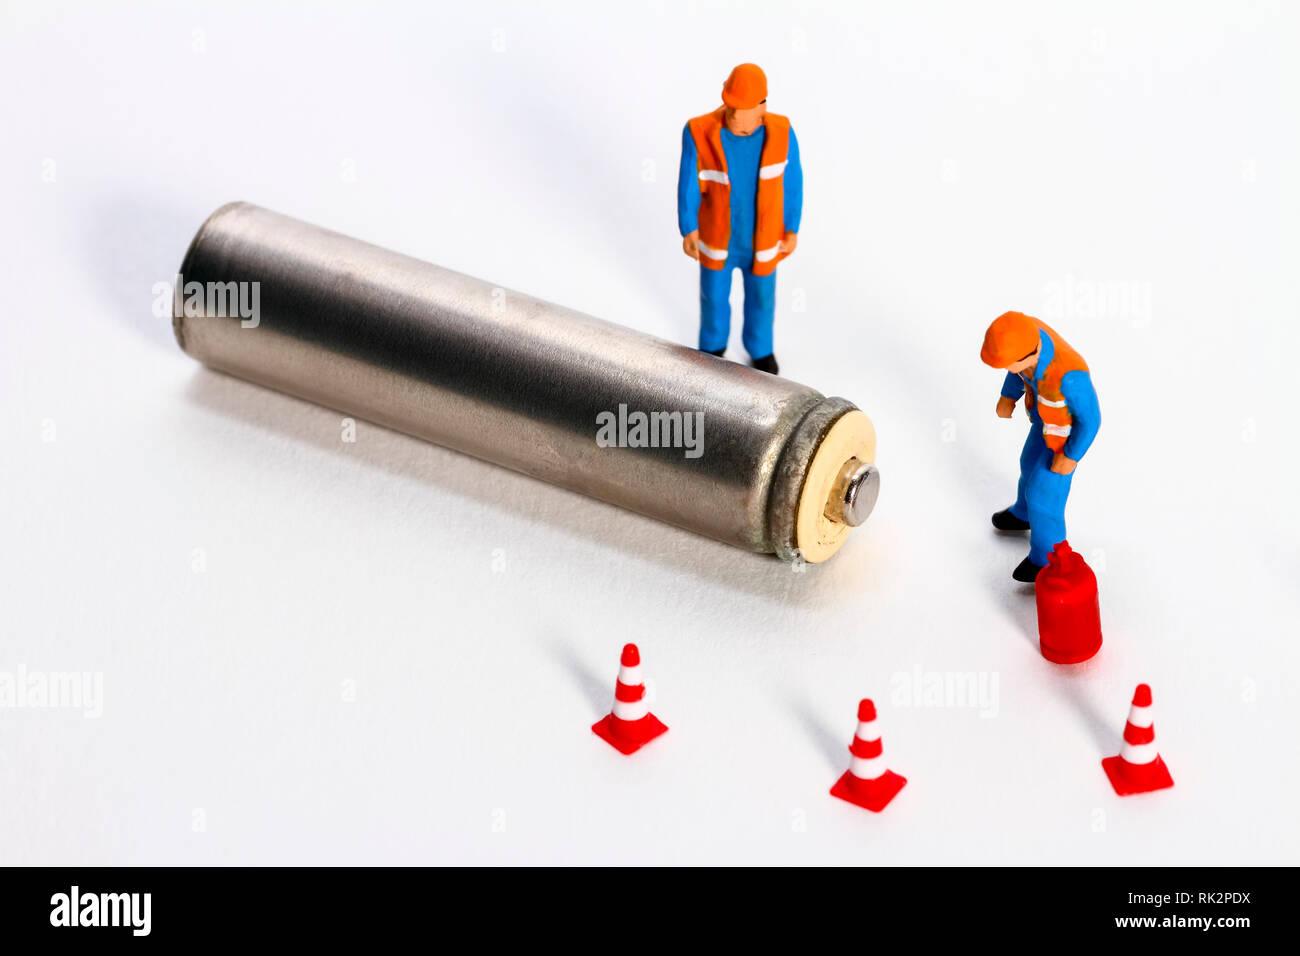 Image de diorama conceptuel de gestion des déchets constitué d'ouvriers à miniture figure à une batterie Photo Stock